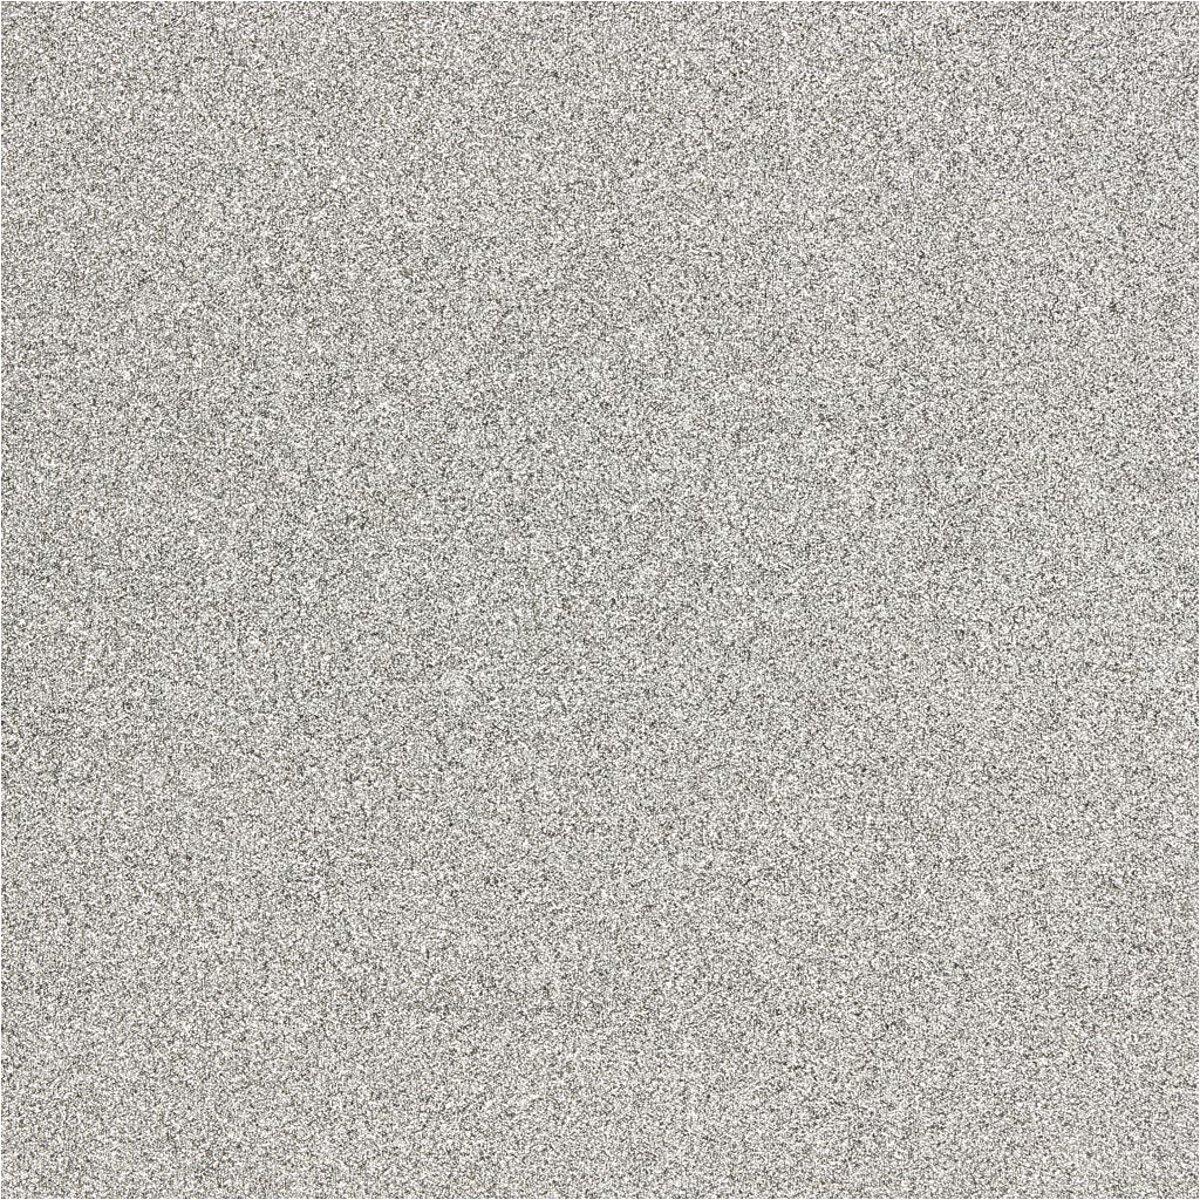 Glitterfolie, b: 35 cm, dikte 110 micron, zilver, 2m [HOB-21057] kopen